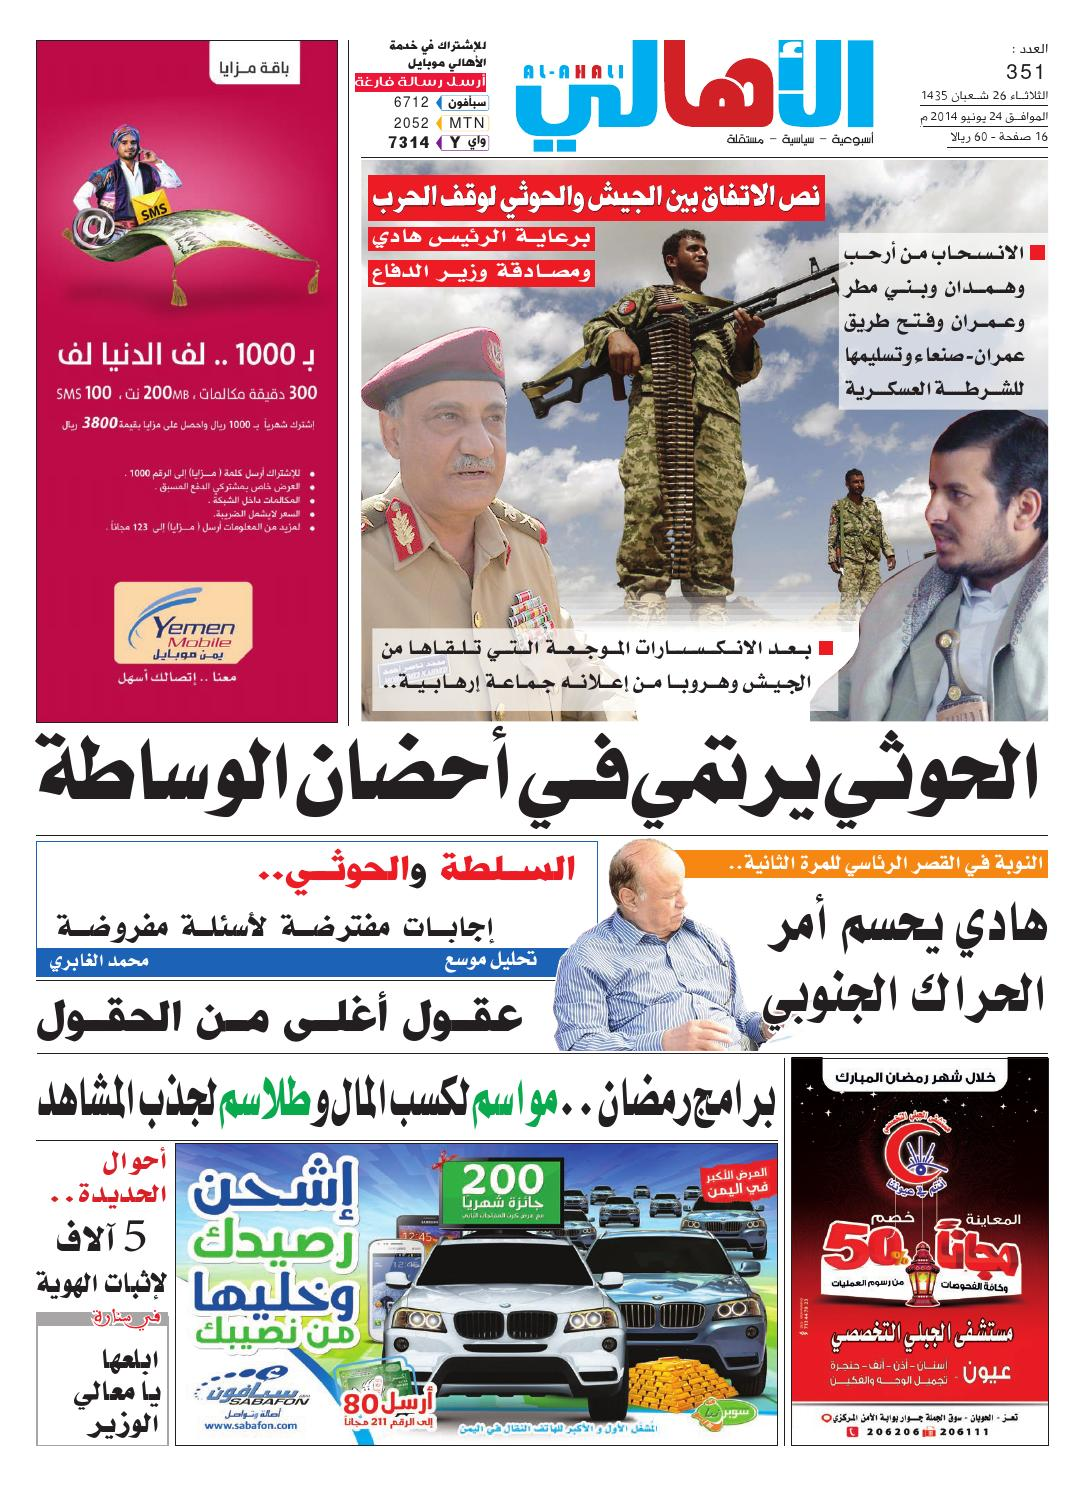 debf5d9d3 صحيفة الأهالي العدد 351 by صحيفة الأهالي - issuu